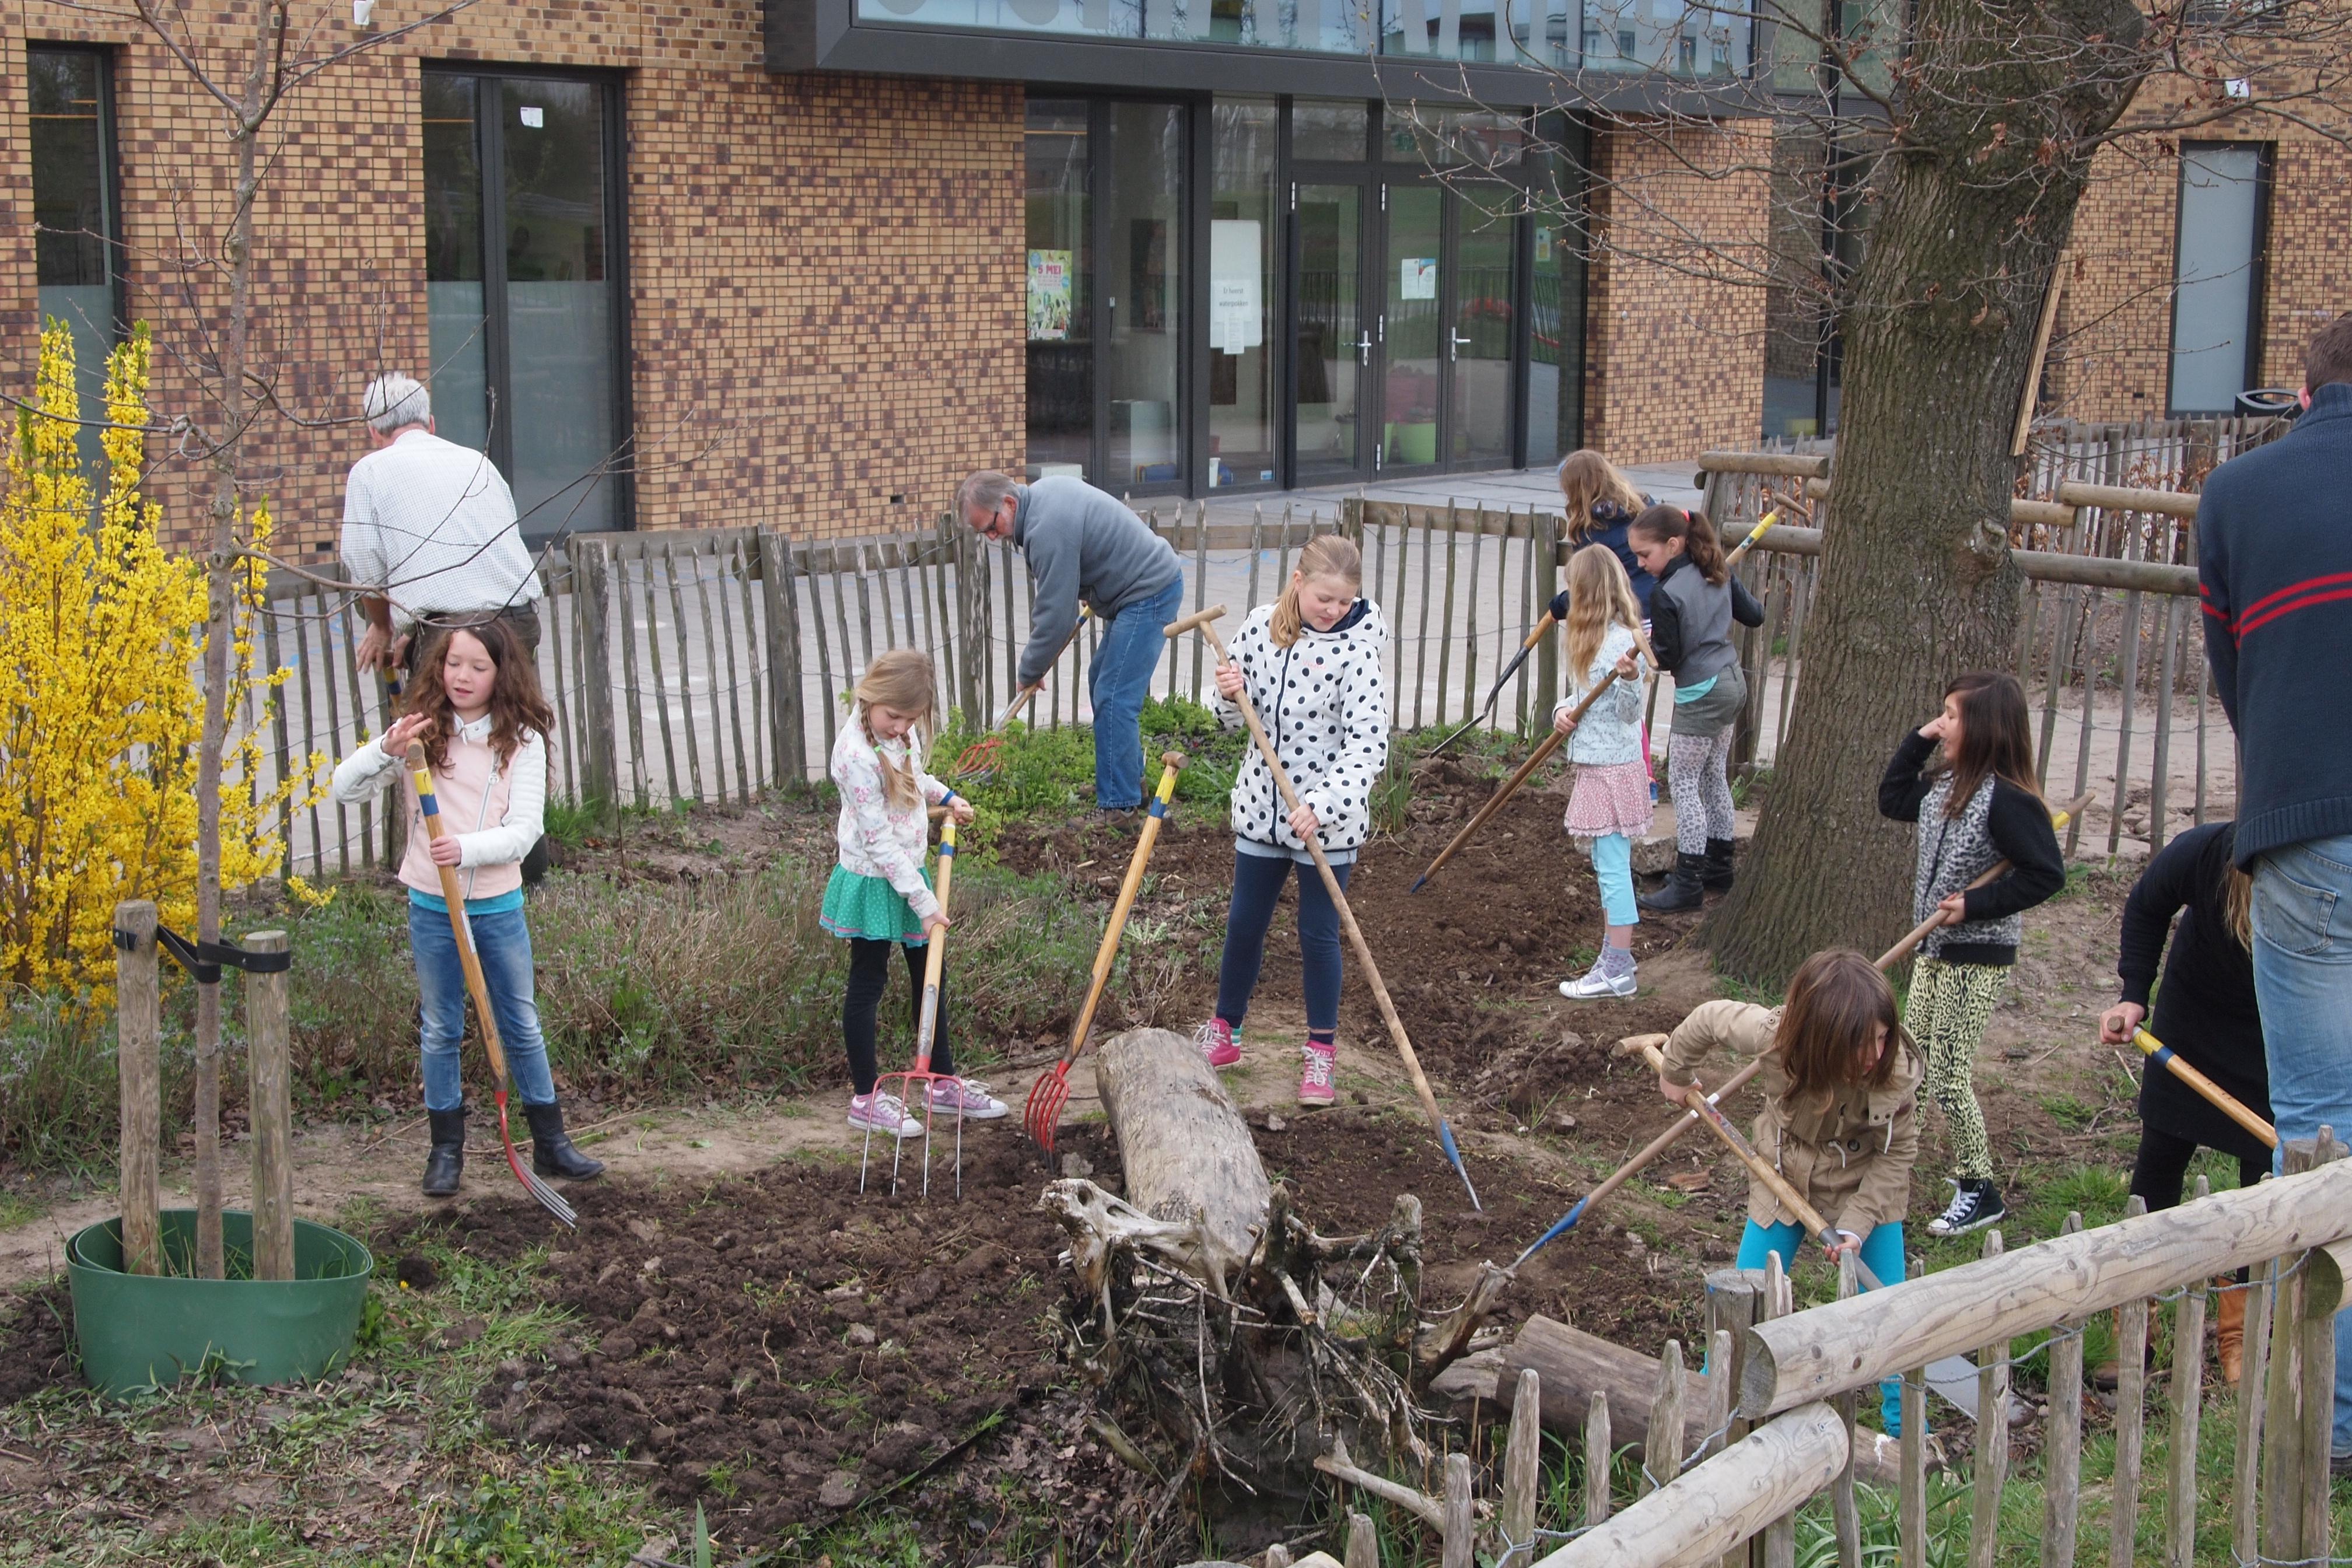 Basisschool de SchatkamerBasisschool de Schatkamer